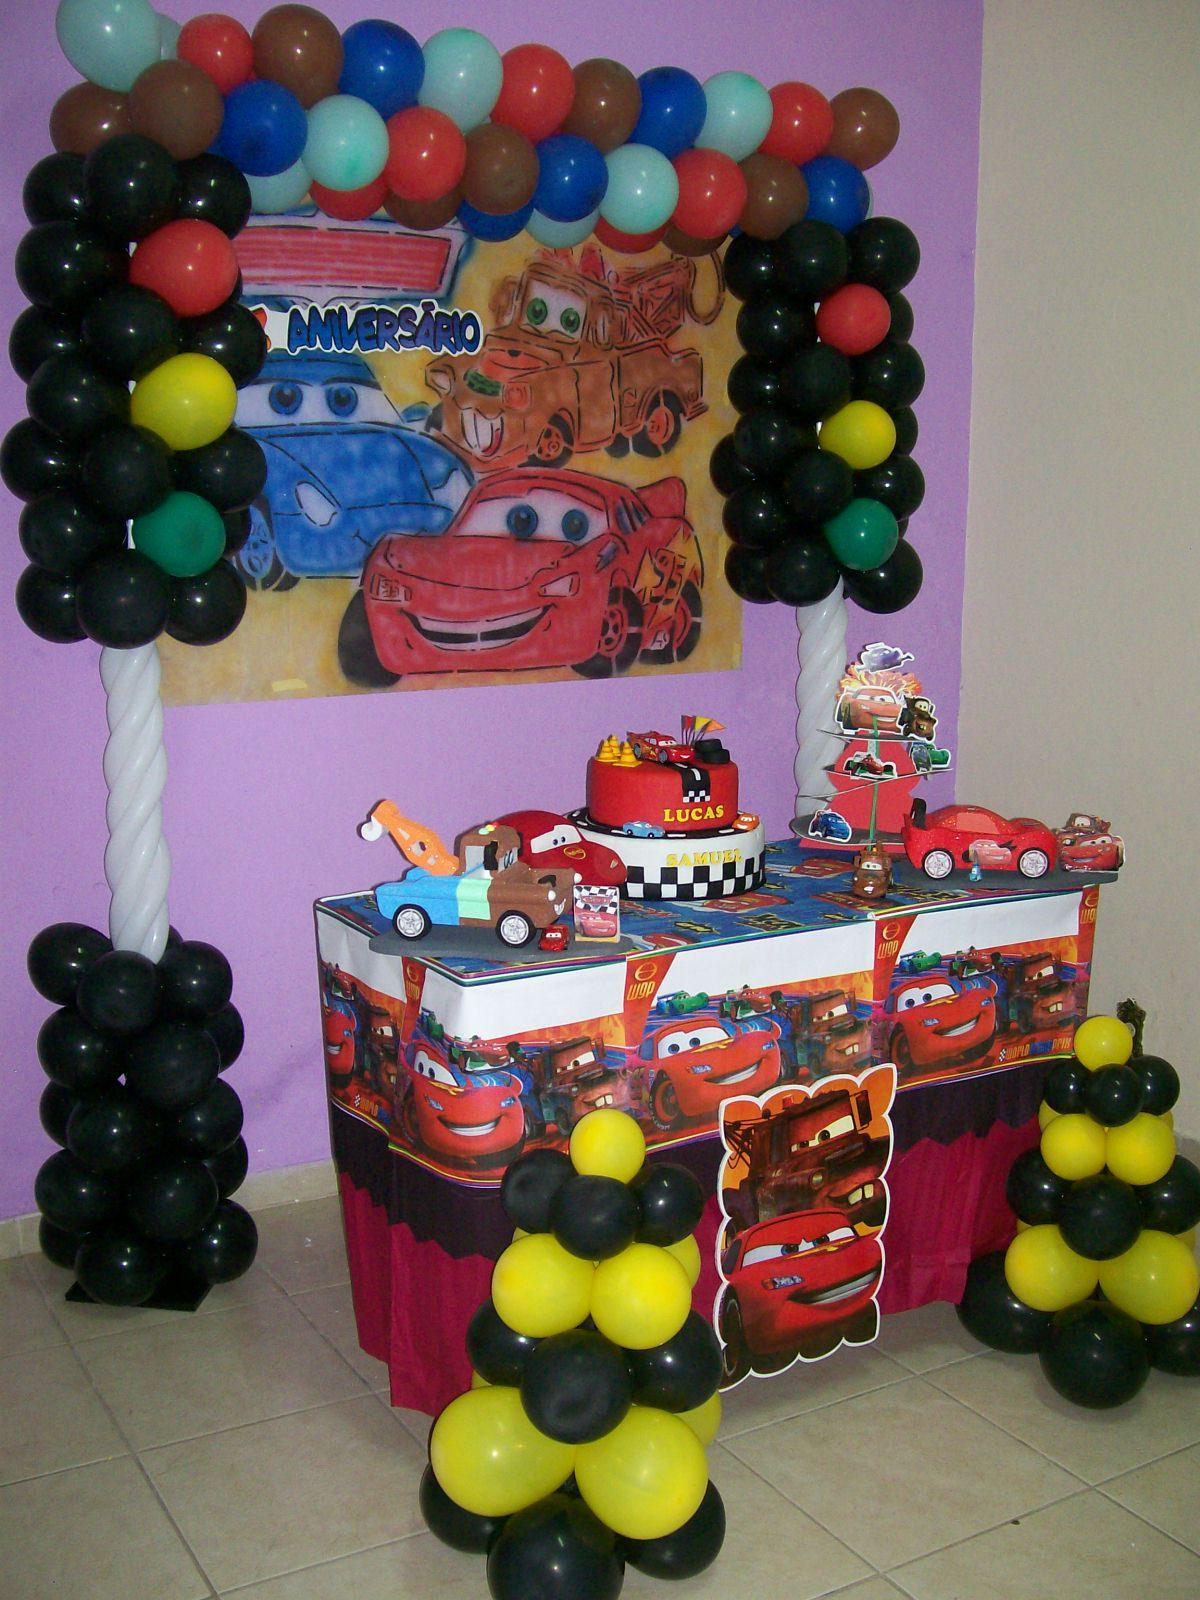 decoracao festa simples: FESTA INFANTIL E CHÁ DE BEBÊ – (19) 3221-5595: DECORAÇÃO SIMPLES